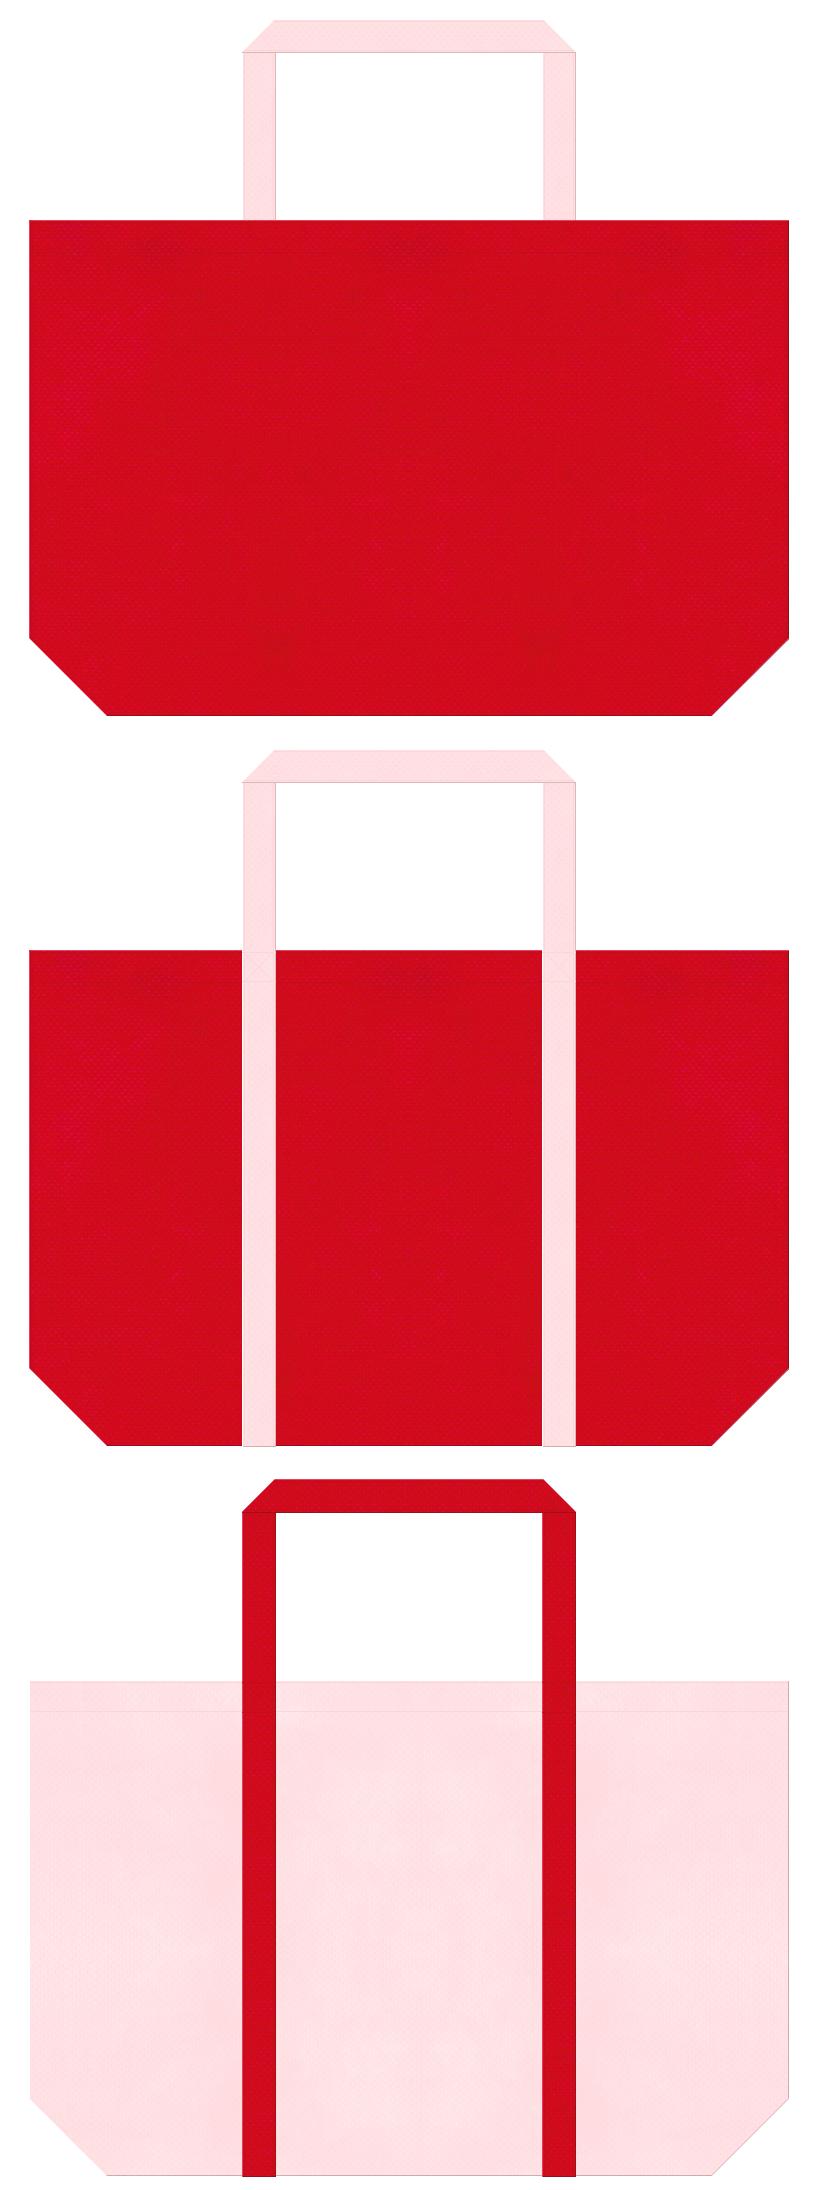 ひな祭り・福袋にお奨めの不織布バッグデザイン:紅色と桜色のコーデ